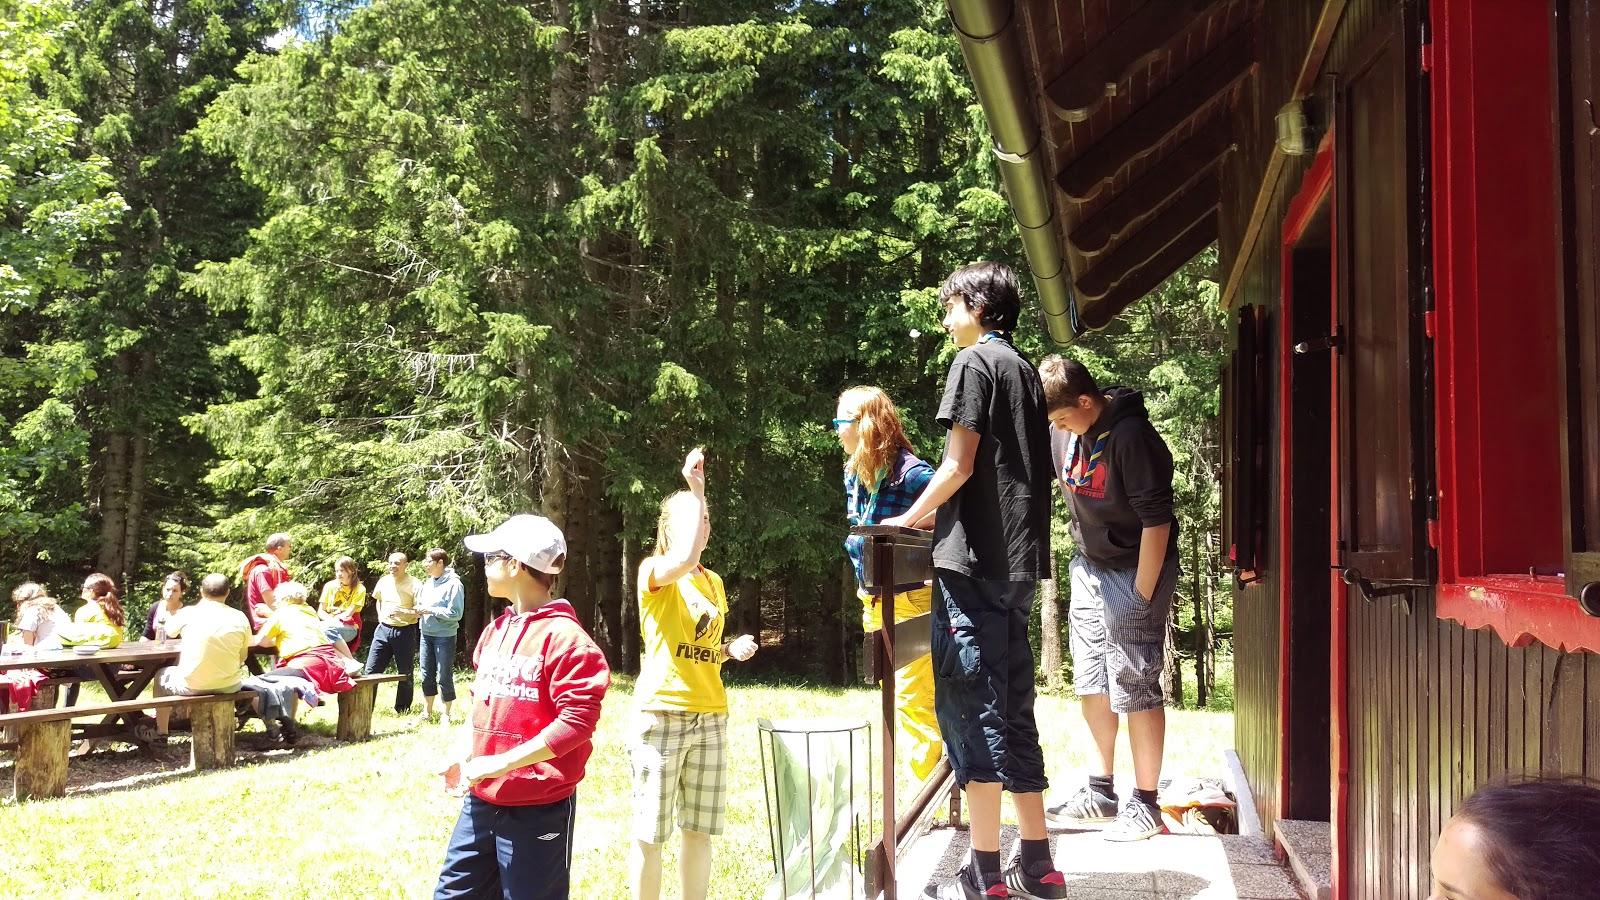 Piknik s starši 2015, Črni dol, 21. 6. 2015 - IMAG0193.jpg